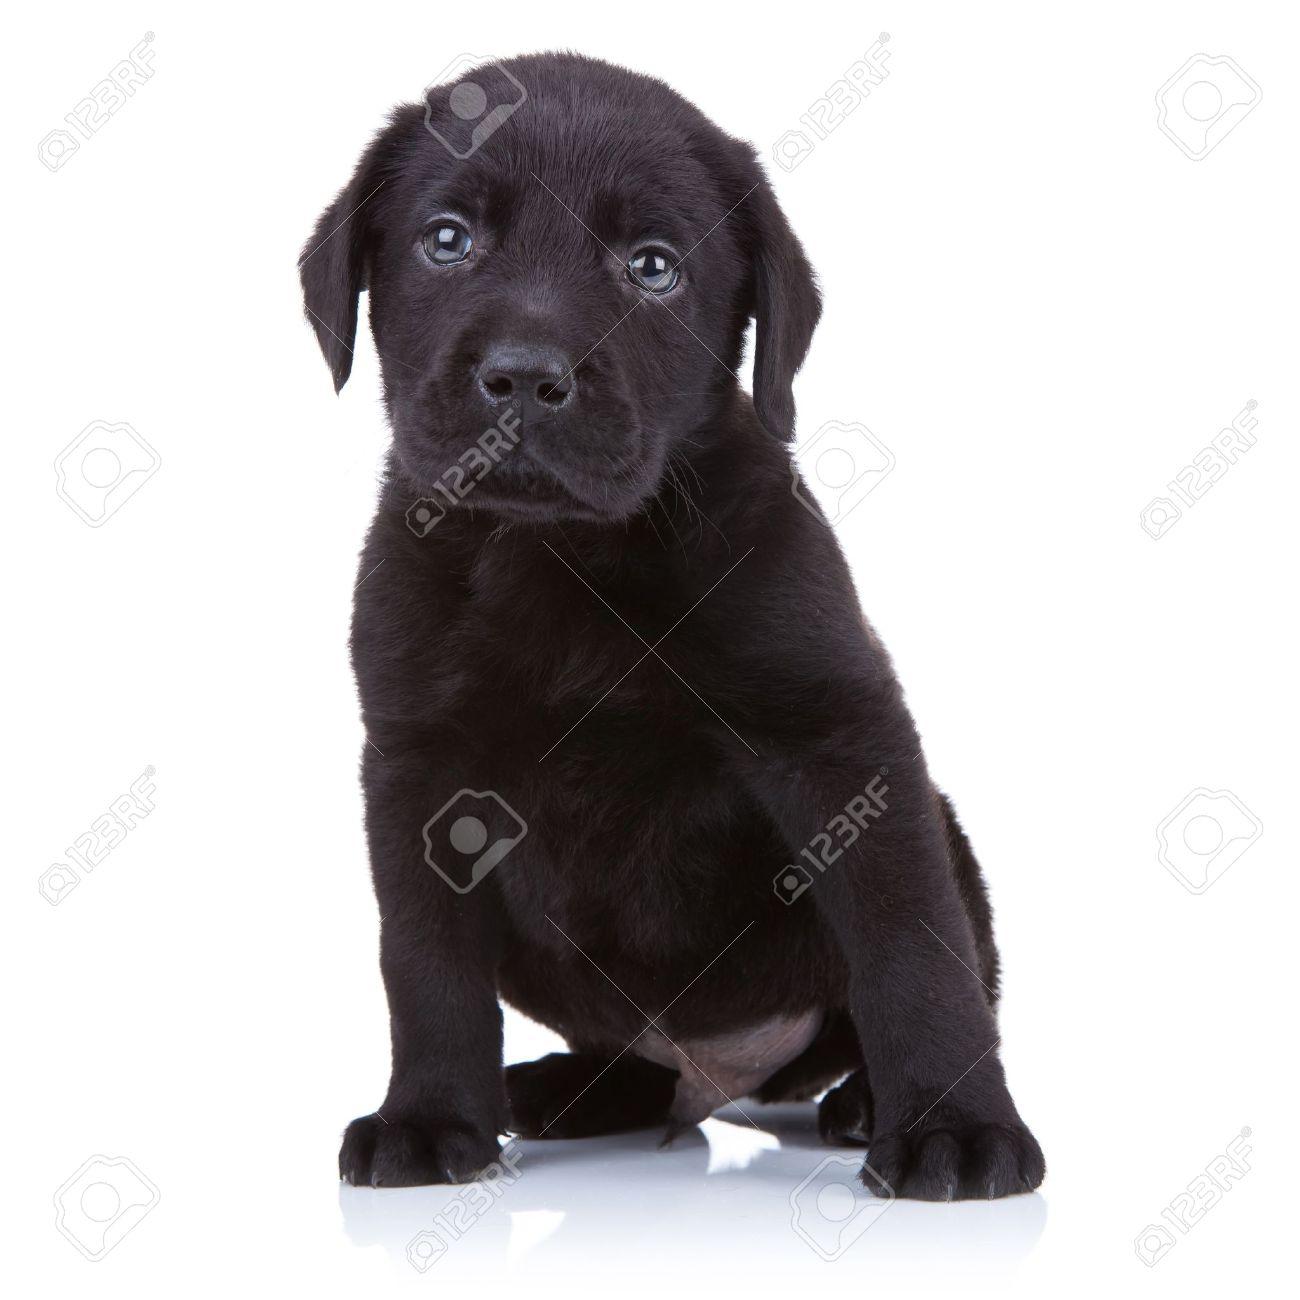 Good Labrador Retriever Black Adorable Dog - 10520879-cute-little-black-labrador-retriever-puppy-sitting-on-a-white-background  Snapshot_344723  .jpg